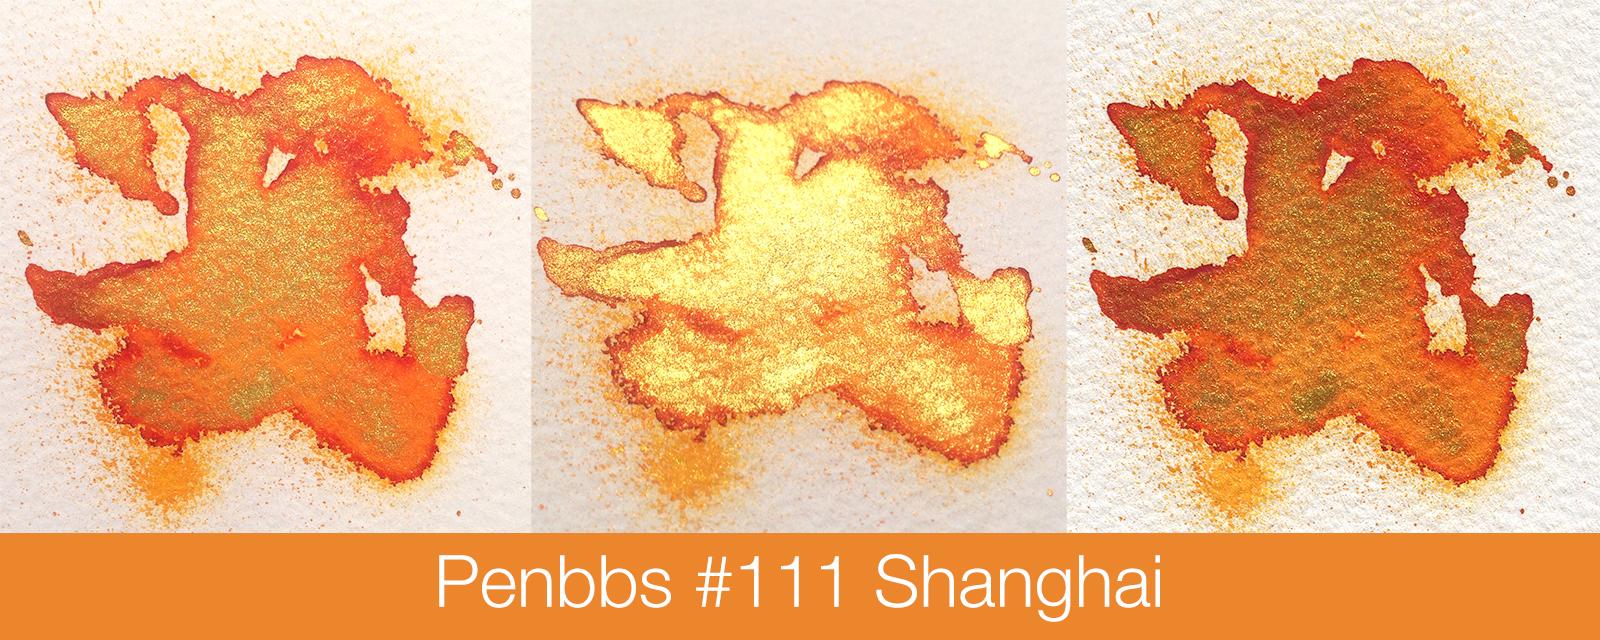 fpn_1435986242__shanghai-splash.jpg